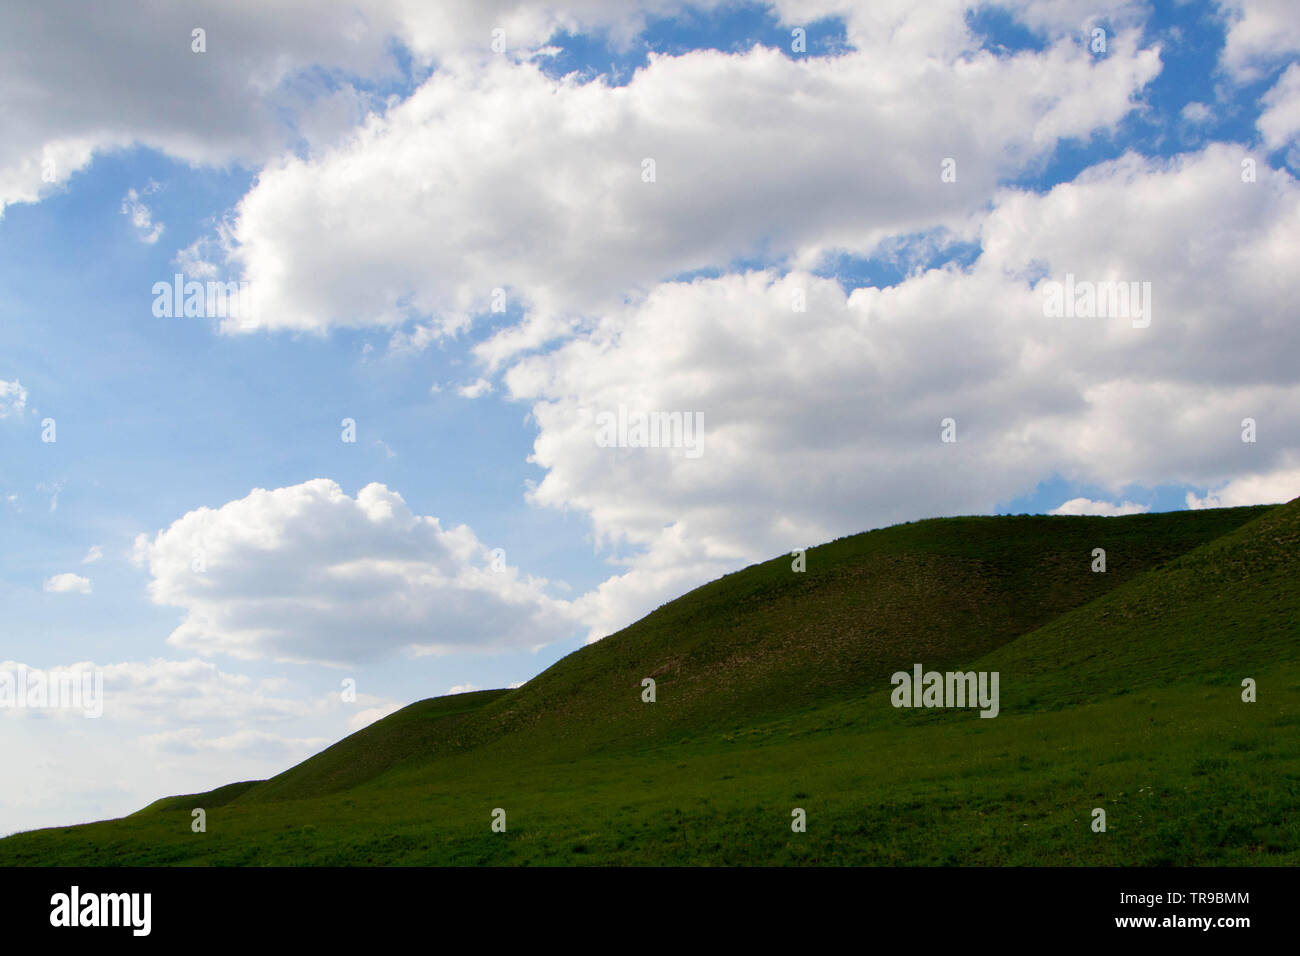 Una collina con puffy clouds overhead. Titel hill, Serbia. - Immagine Immagini Stock